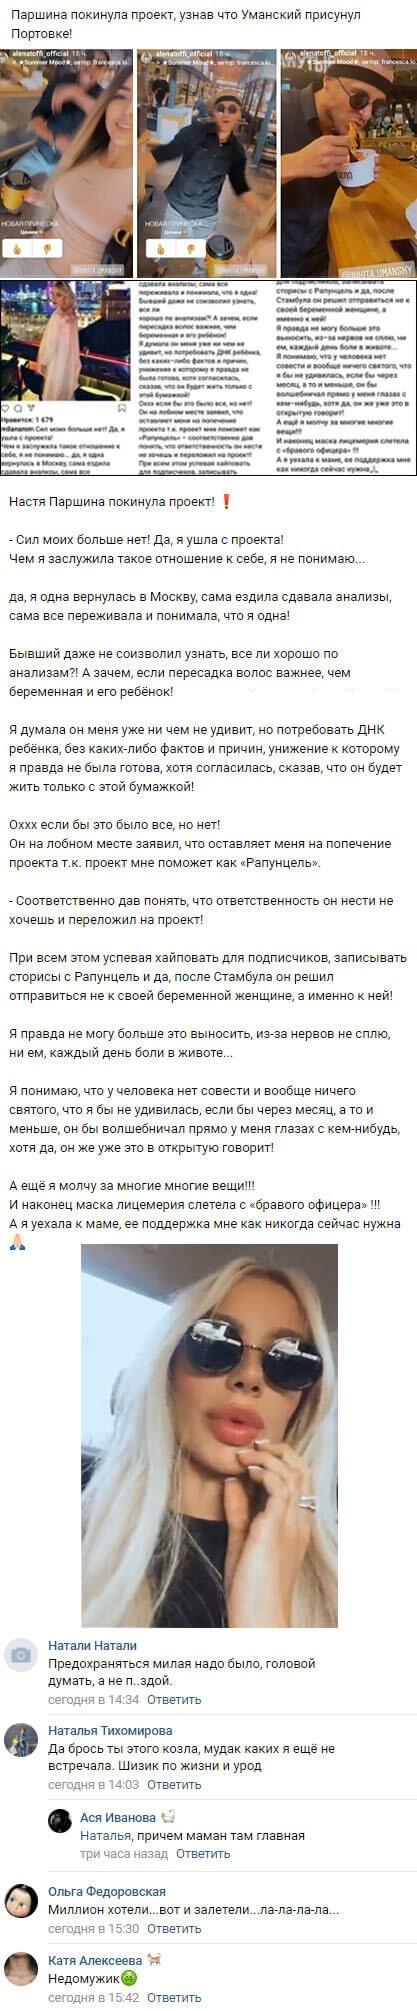 Анастасия Паршина покинула проект узнав о связи Никиты Уманского с Аленой Савкиной